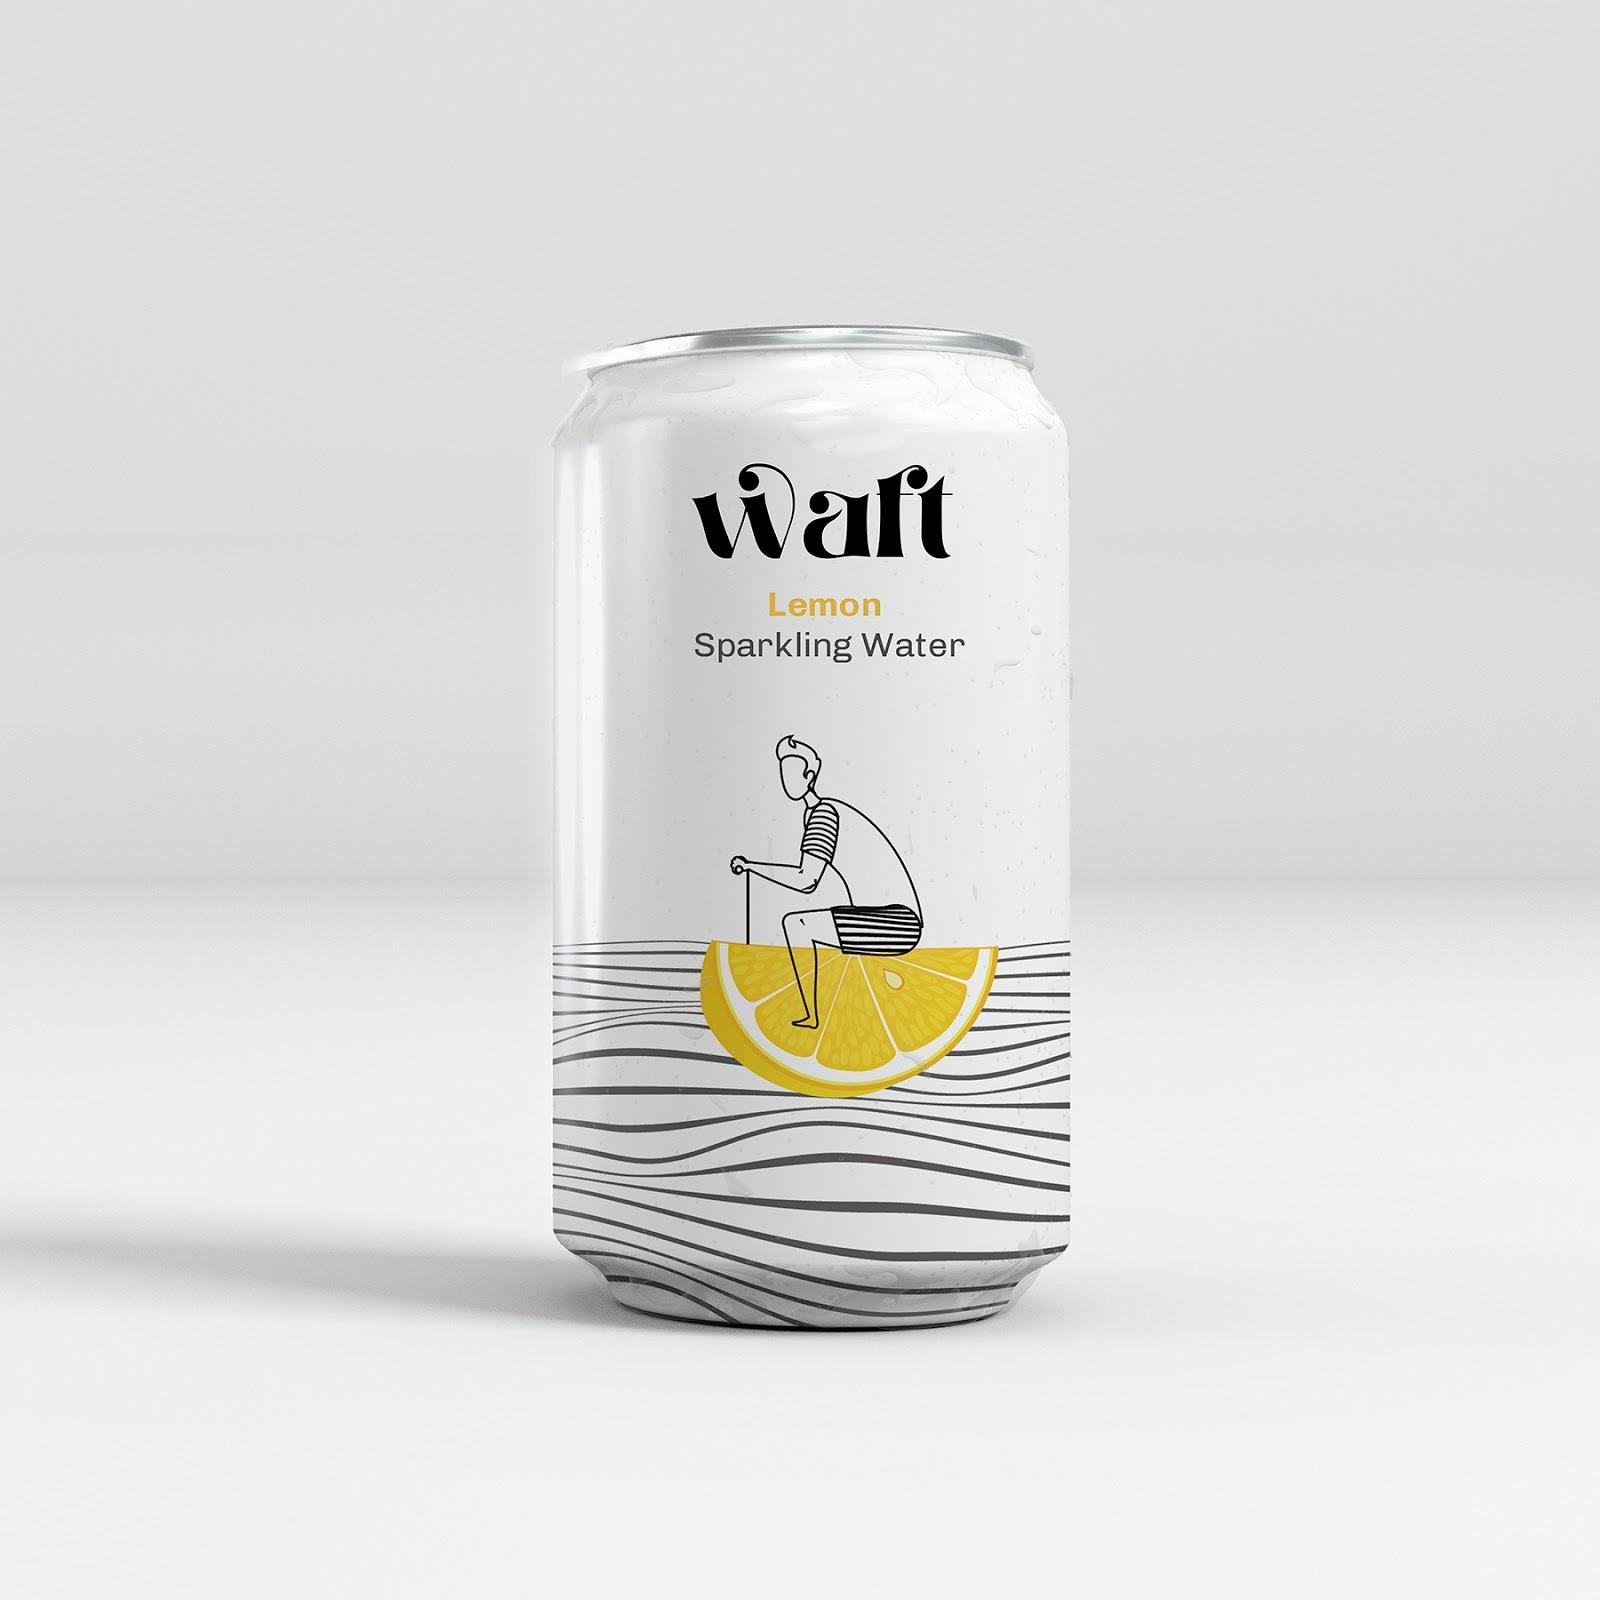 水果元素与线条插画结合!WAFT风味苏打水包装设计